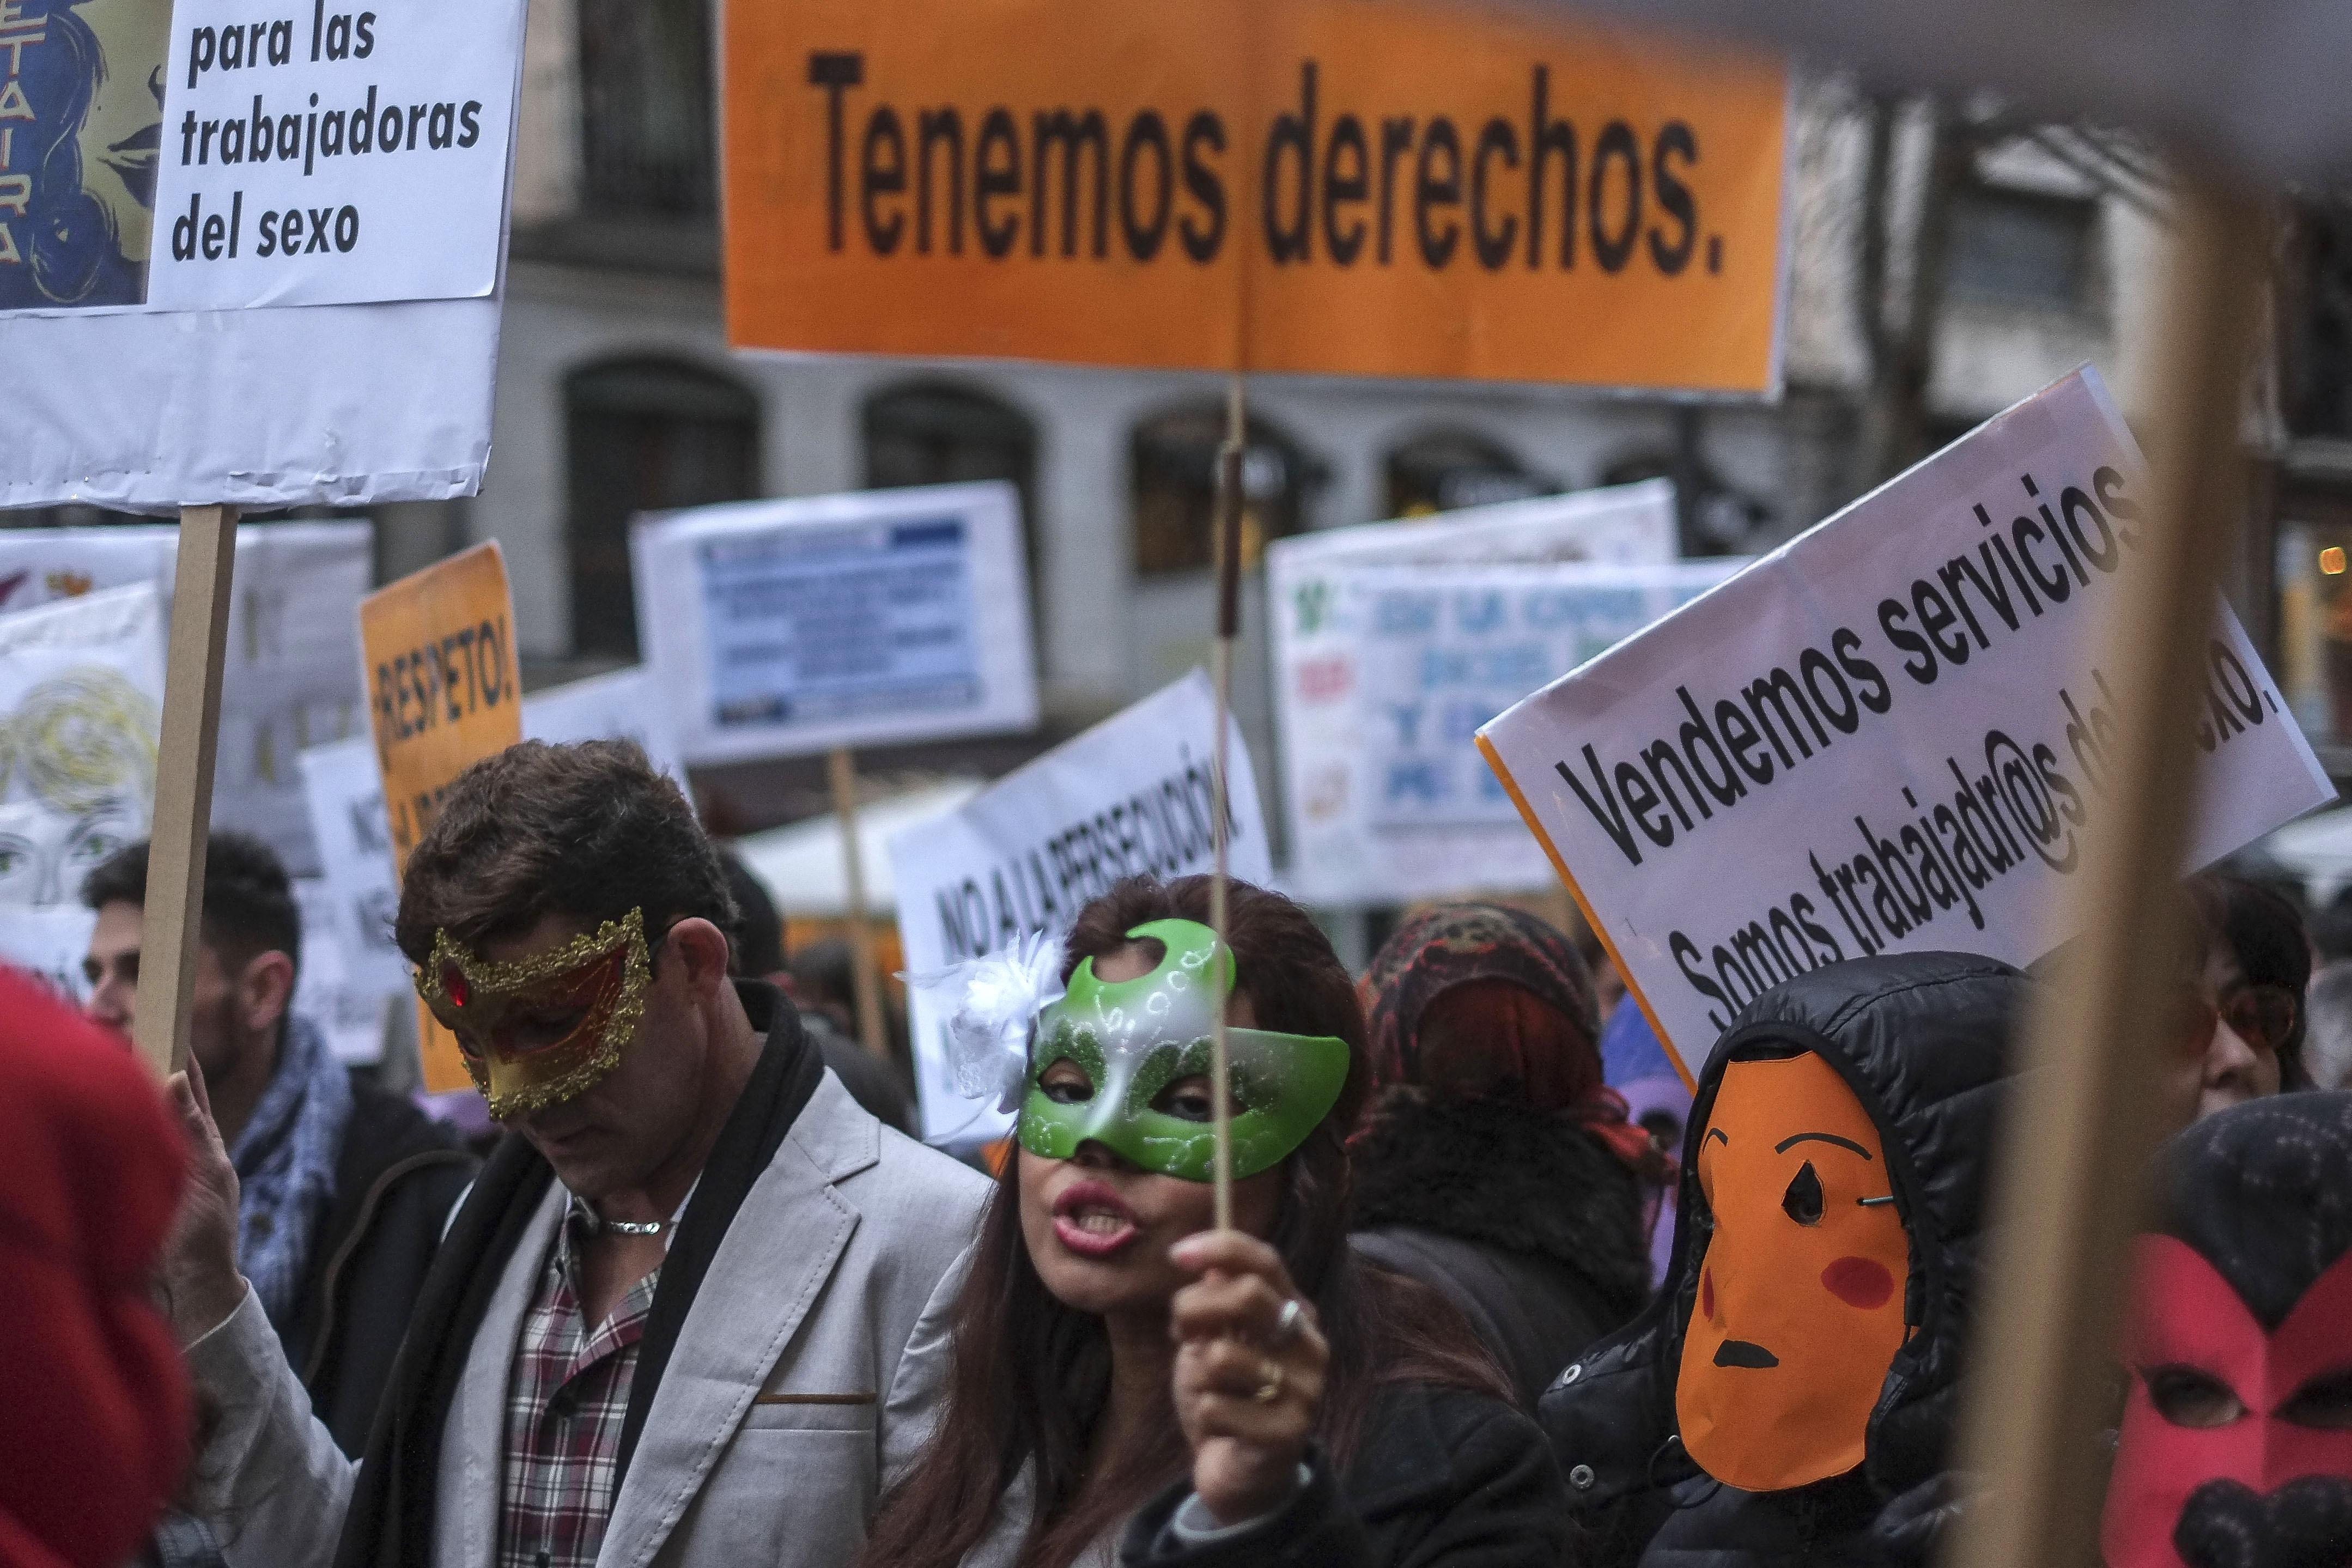 Manifestación de prostitutas en Madrid. (Foto: AFP)